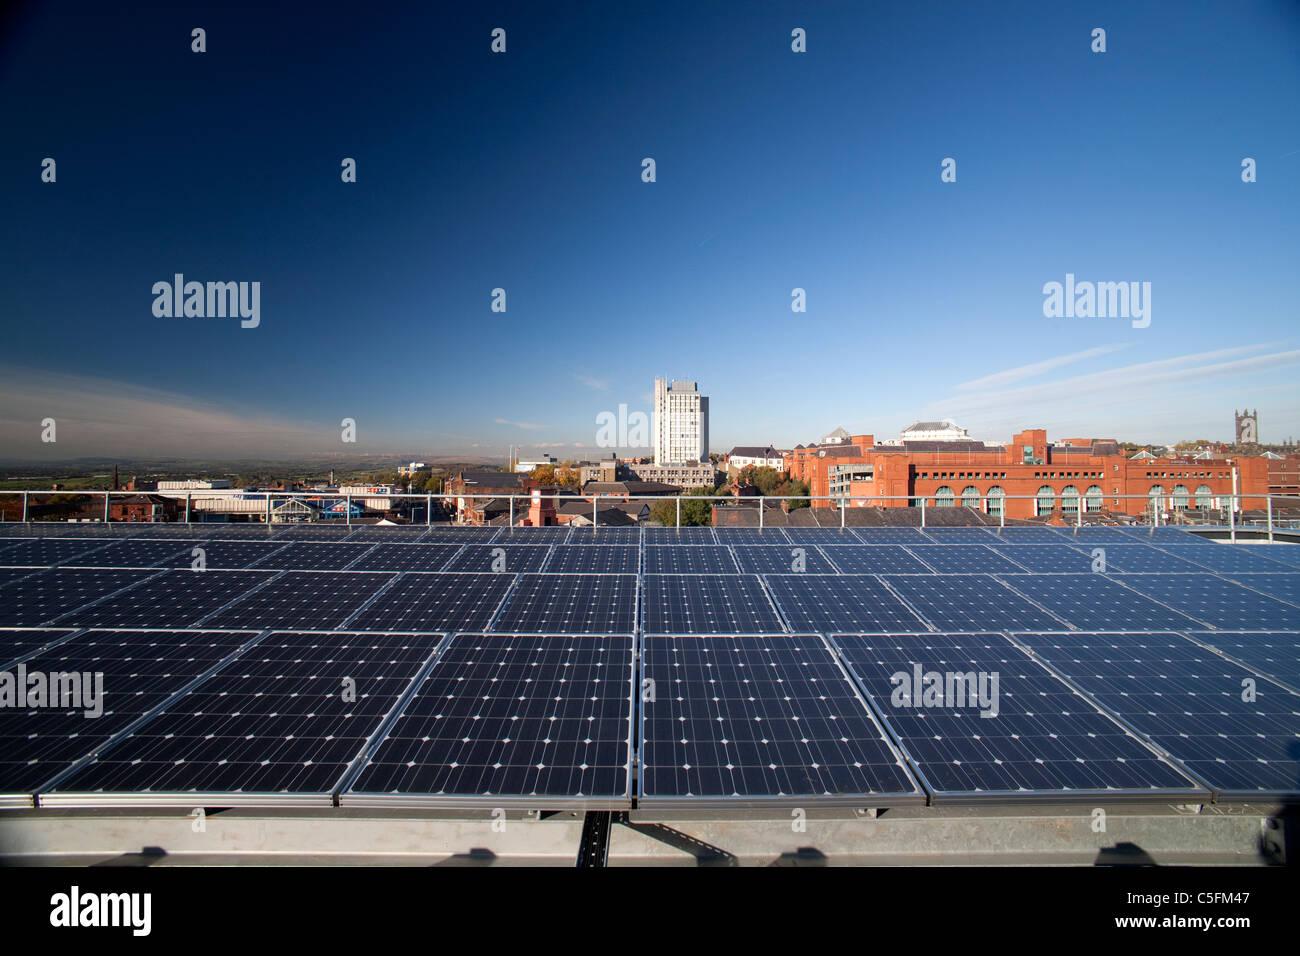 Panel solar en el techo con cielo azul día soleado Imagen De Stock